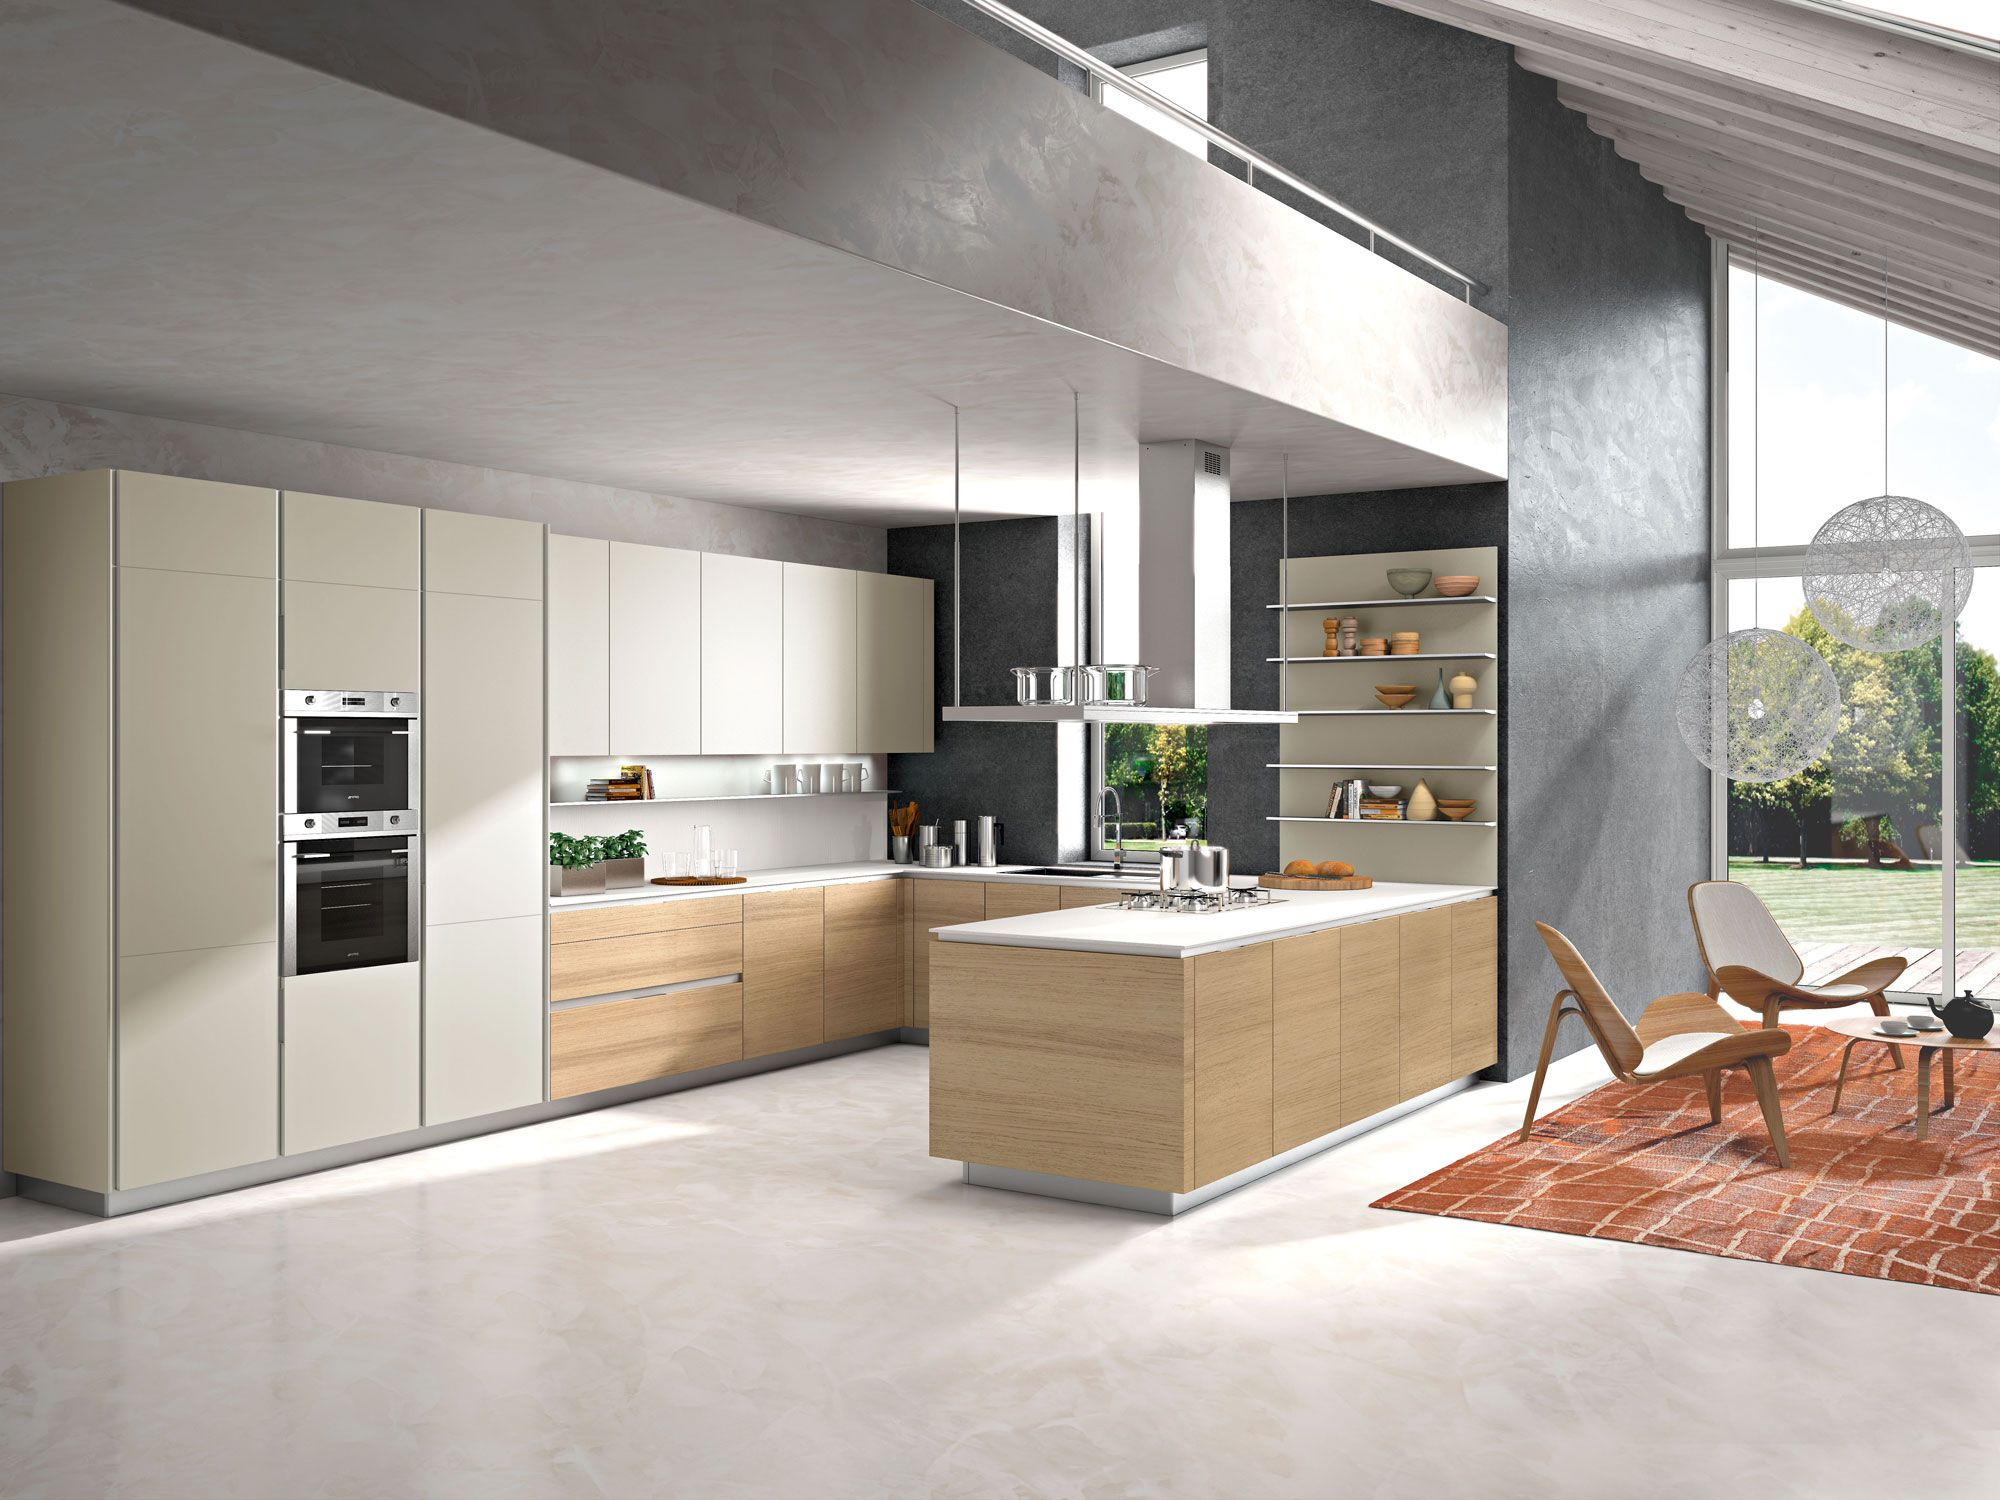 Modern Kitchen Designs  Orange Modern Kitchen  Snaidero Usa Interesting Kitchen Designs Modern Inspiration Design